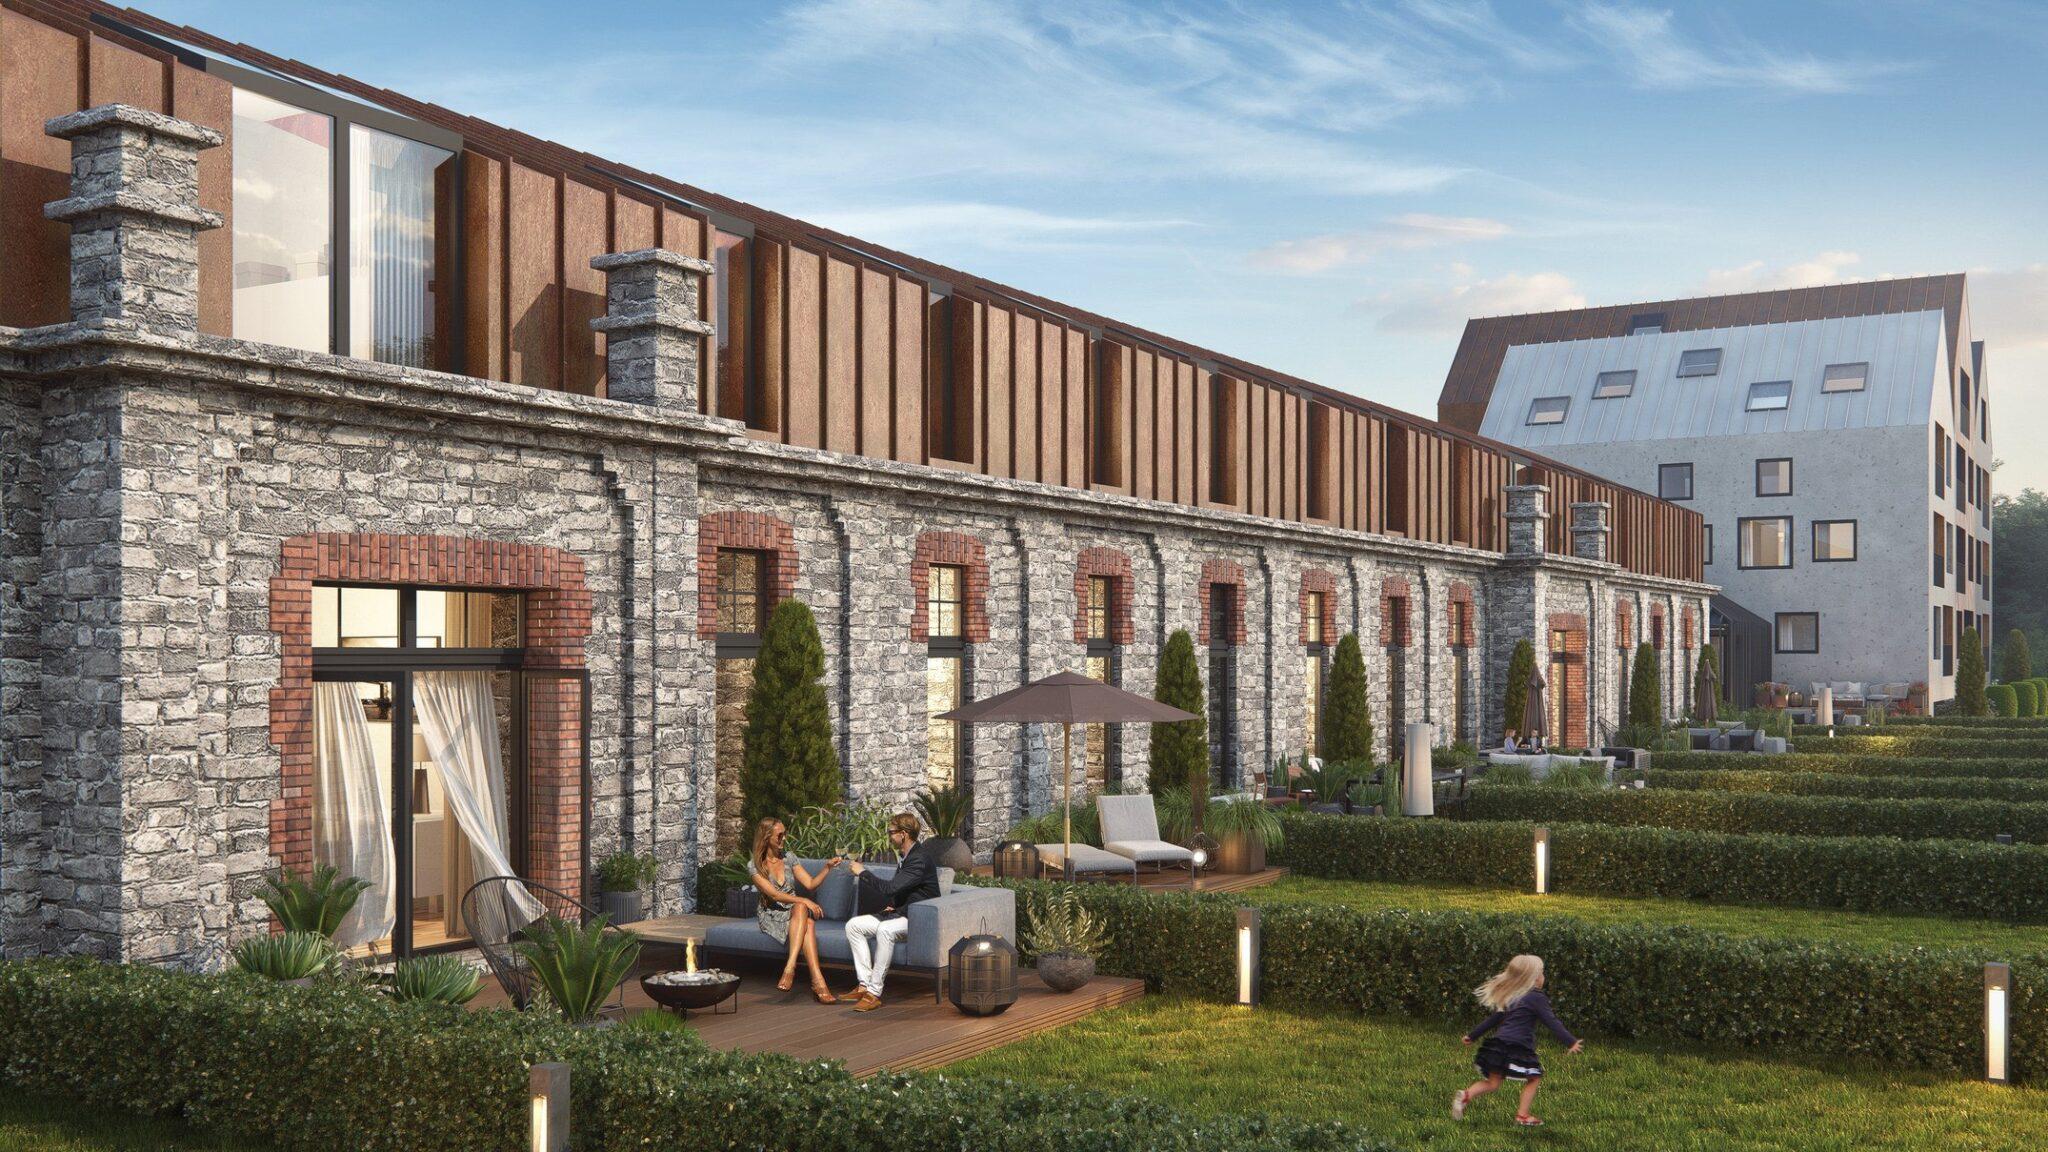 Pro Kapitali Ratsuri Majade arendusprojekt müüdi välja enne ehituse lõppu